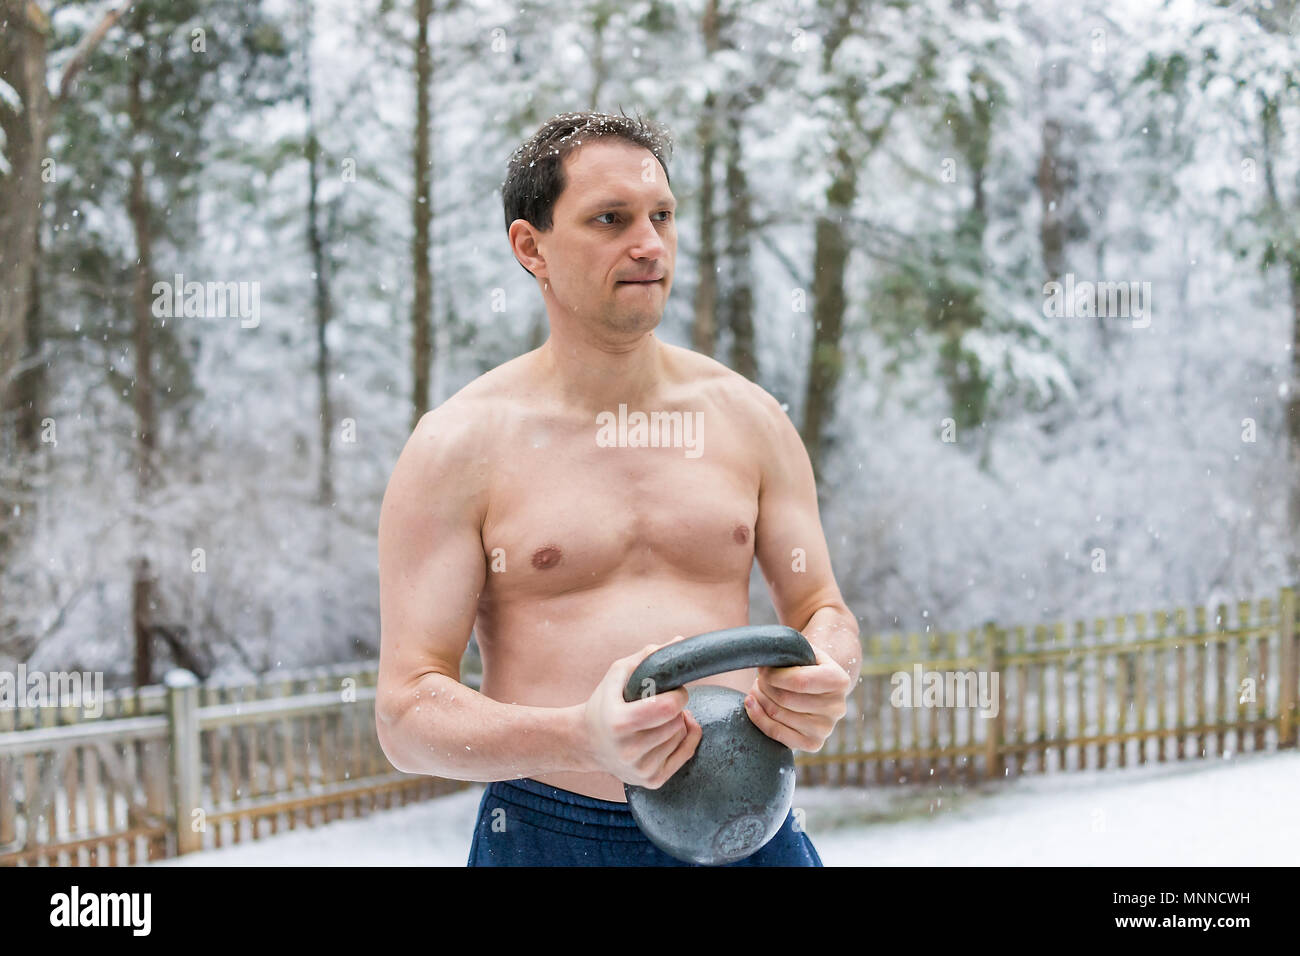 Colocar jóvenes descamisados hombre ejercer con kettlebell pesadas y los músculos en el parque al aire libre fuera de la celebración de levantamiento de peso durante el invierno, la nieve Imagen De Stock